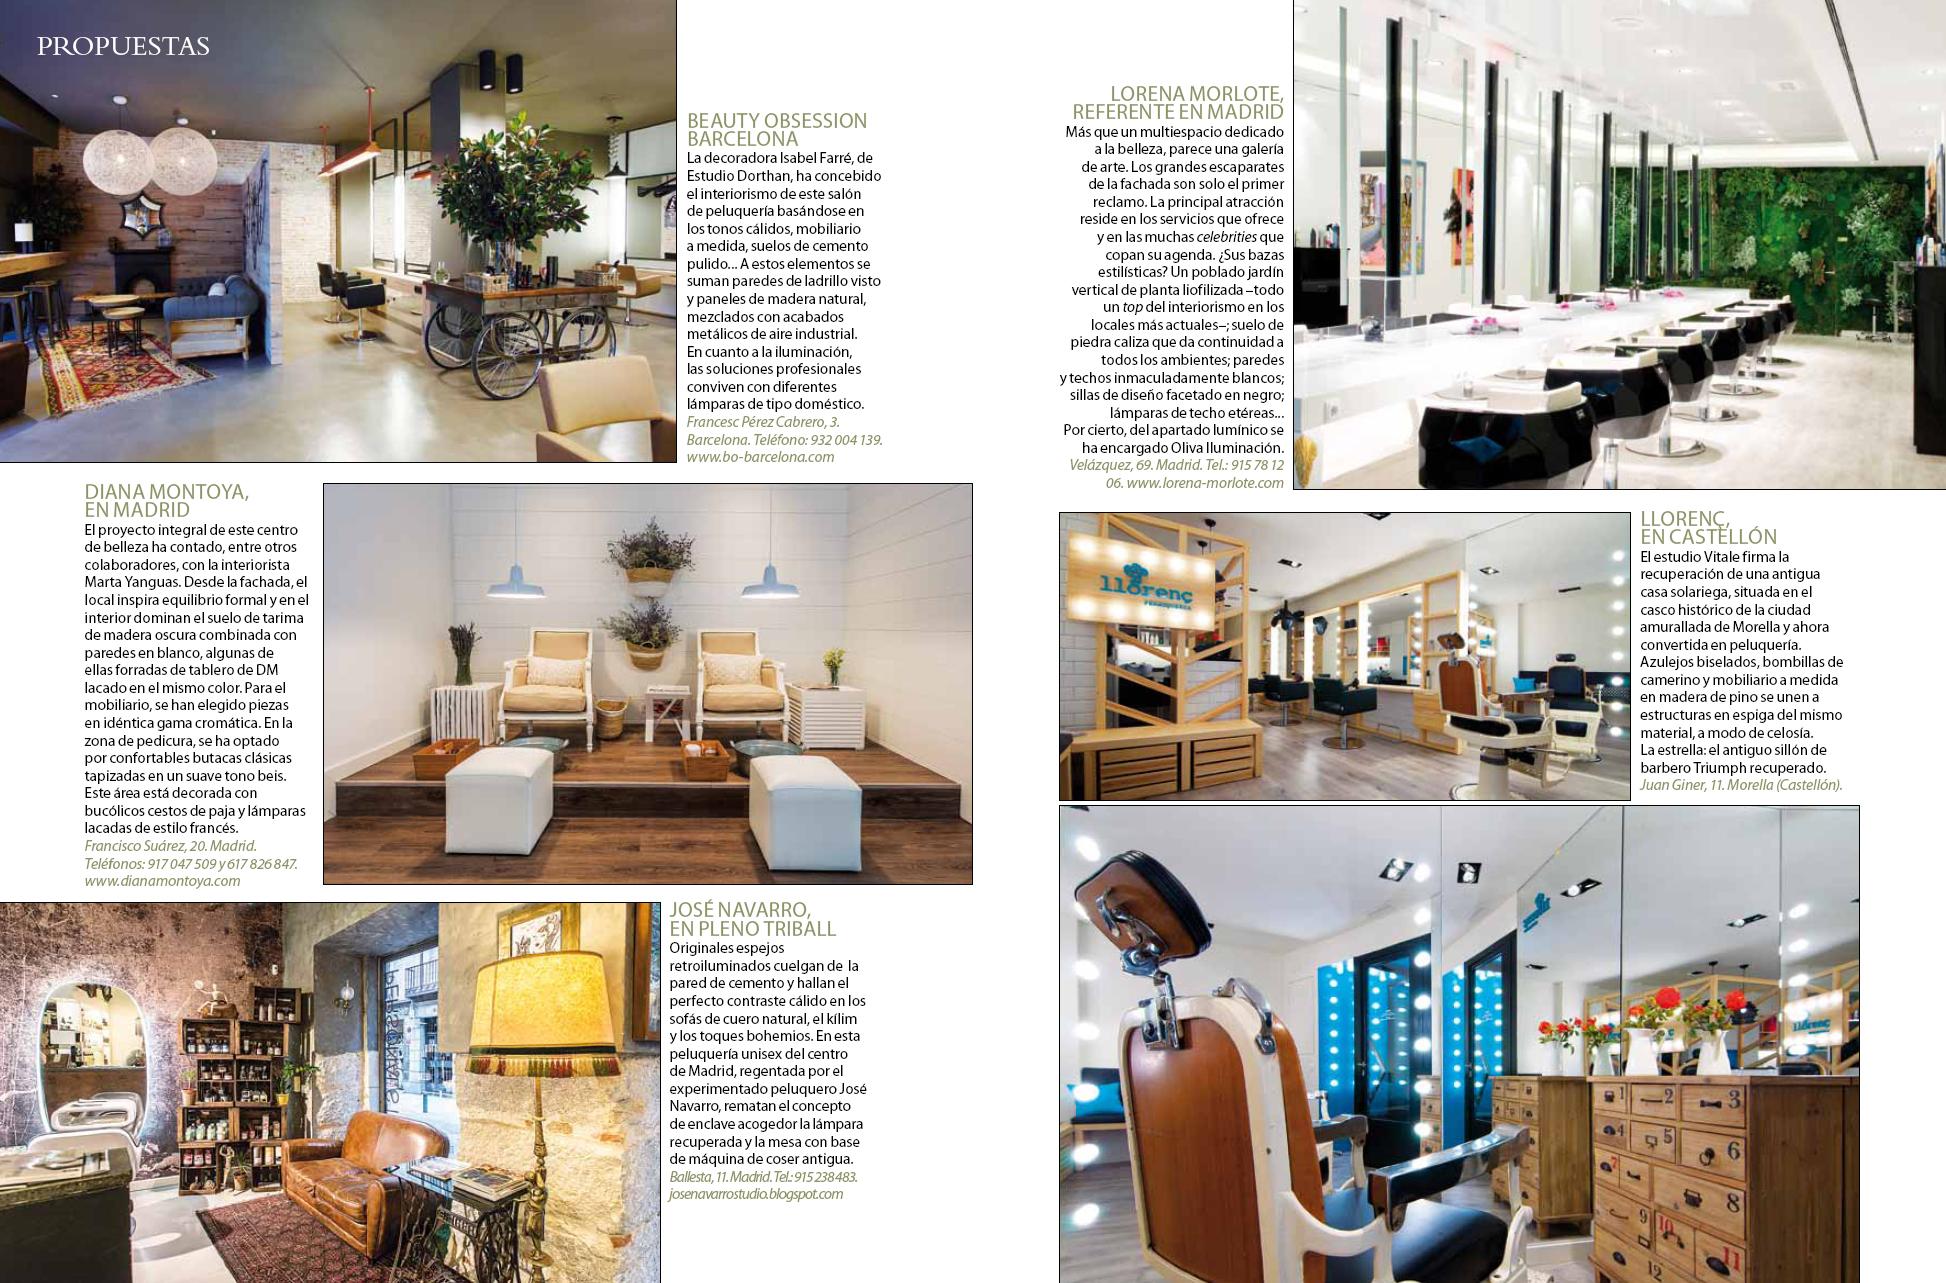 Interior magazines design blogs vitale - Peluqueria nuevo estilo ...